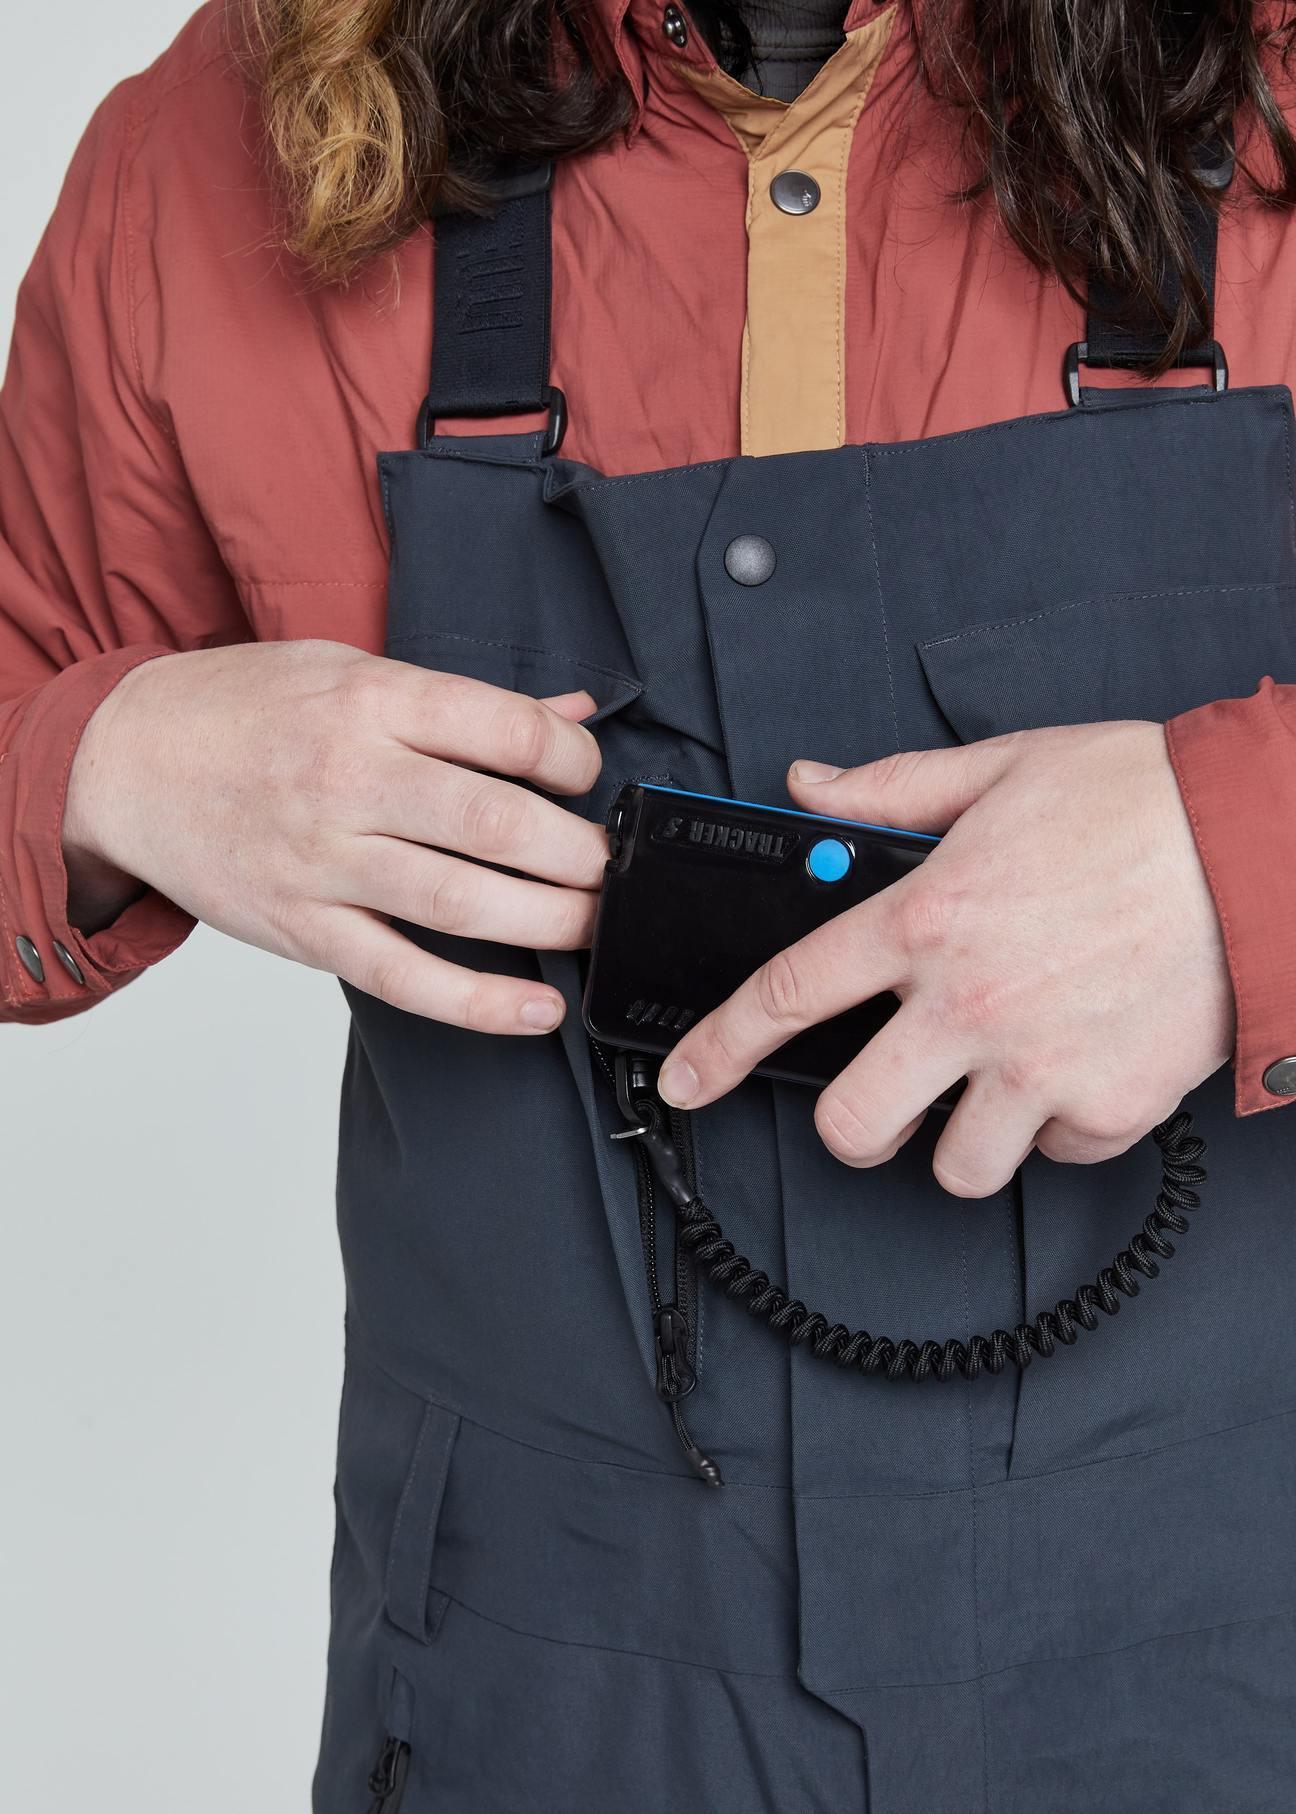 Dリング付き胸部トランシーバーポケット